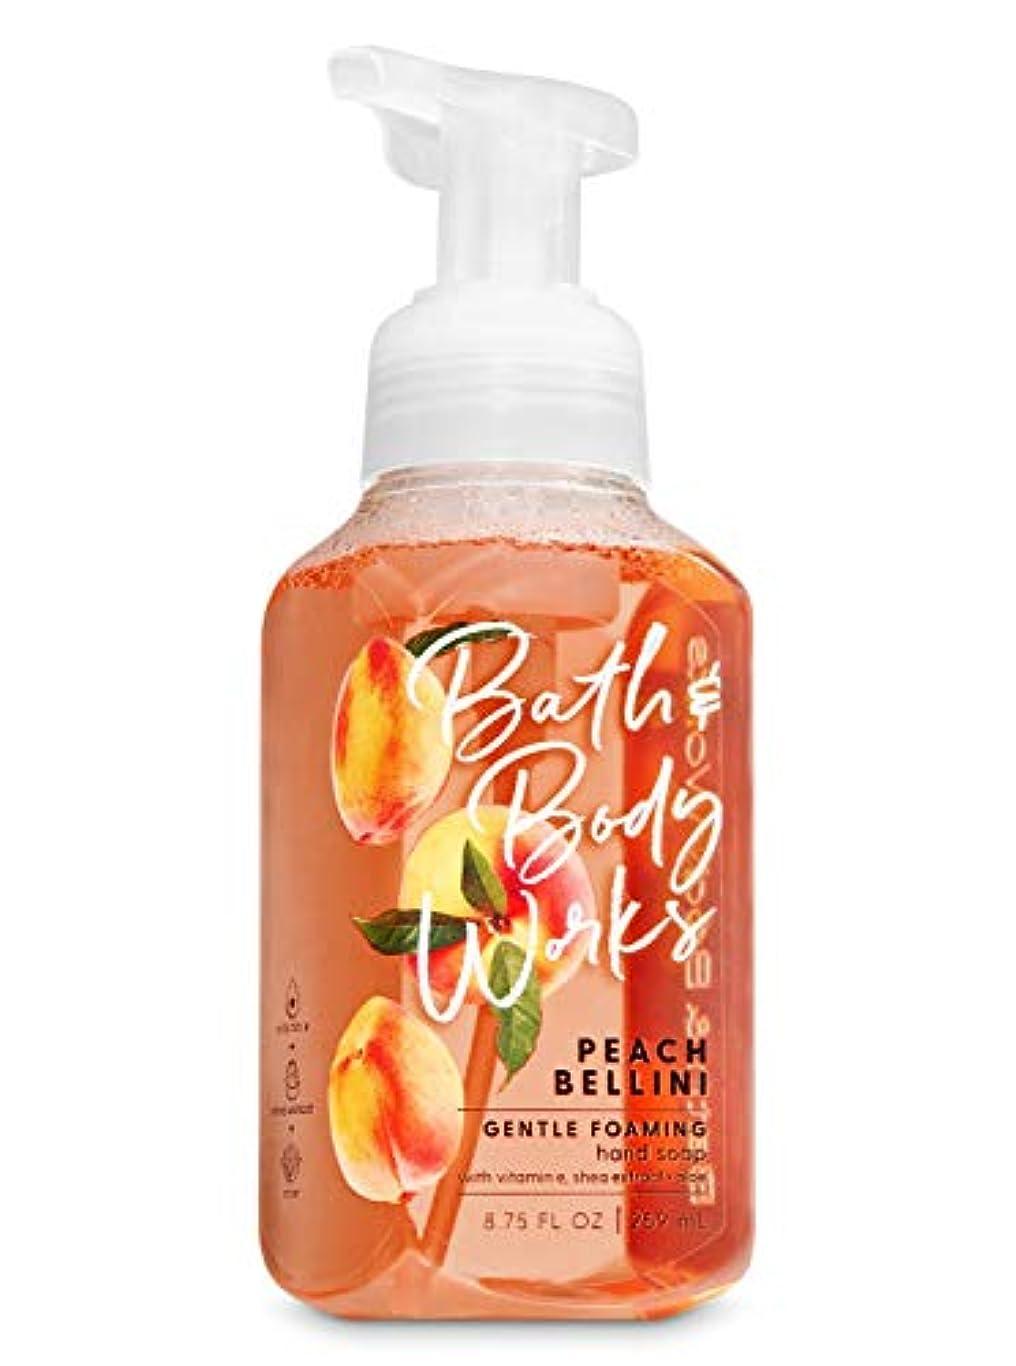 成功モットー義務付けられたバス&ボディワークス ピーチベリーニ ジェントル フォーミング ハンドソープ Peach Bellini Gentle Foaming Hand Soap